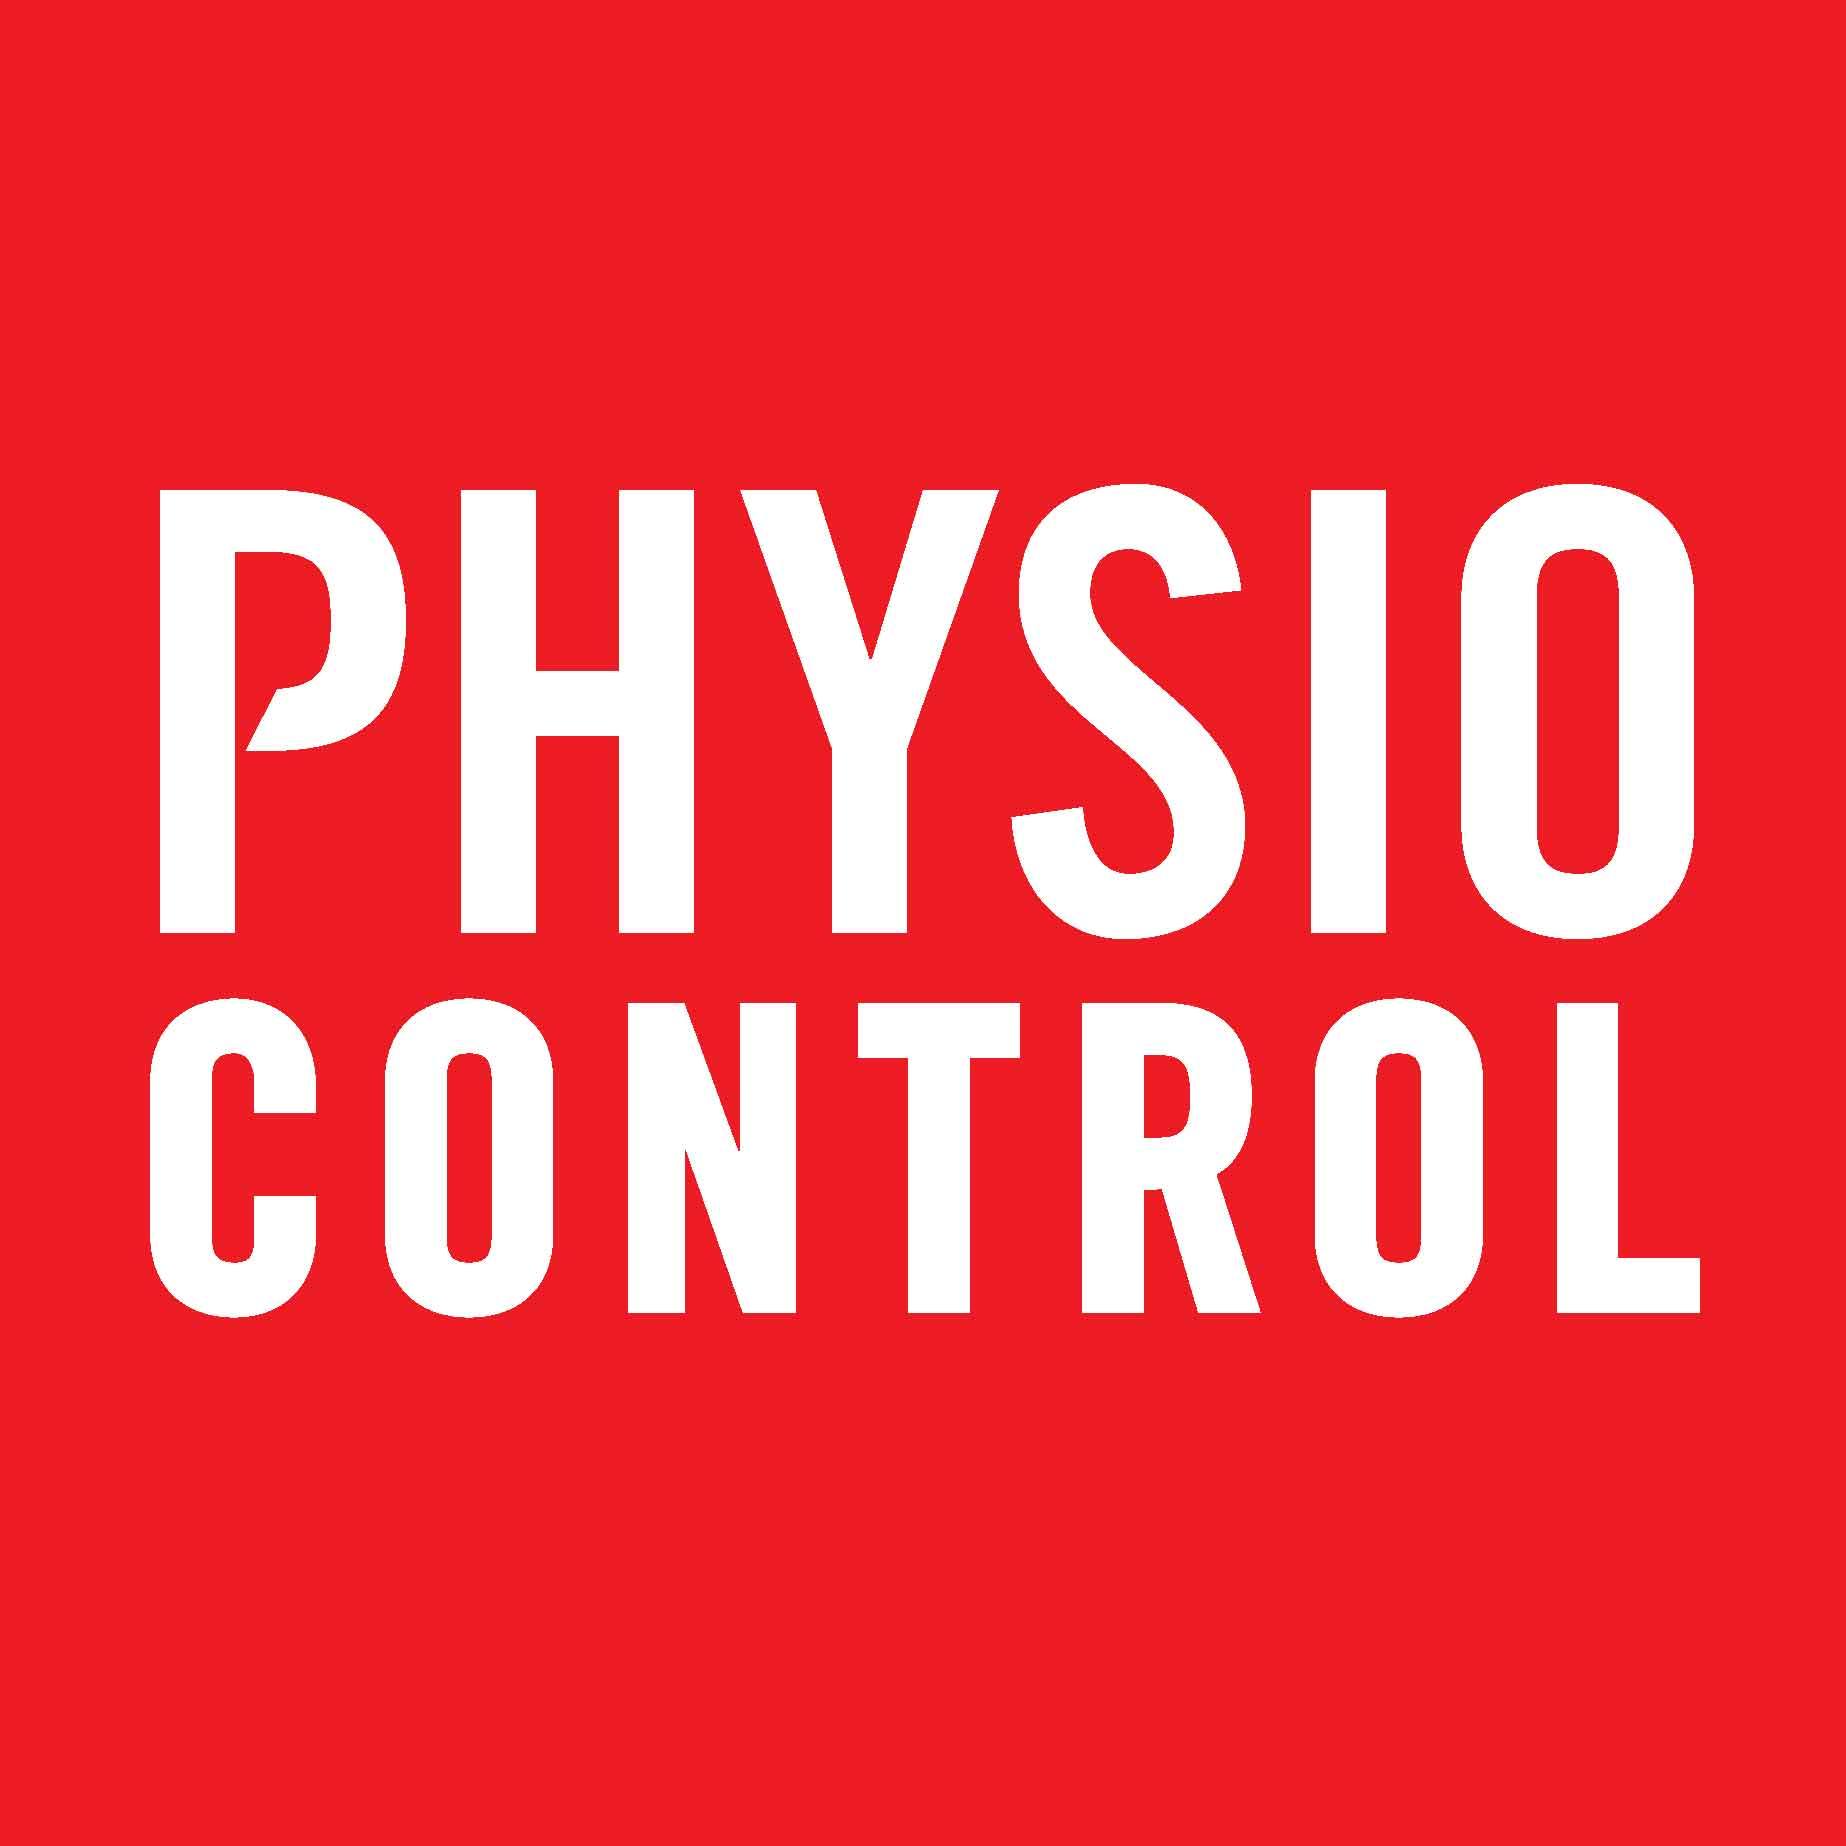 Physio Control logo